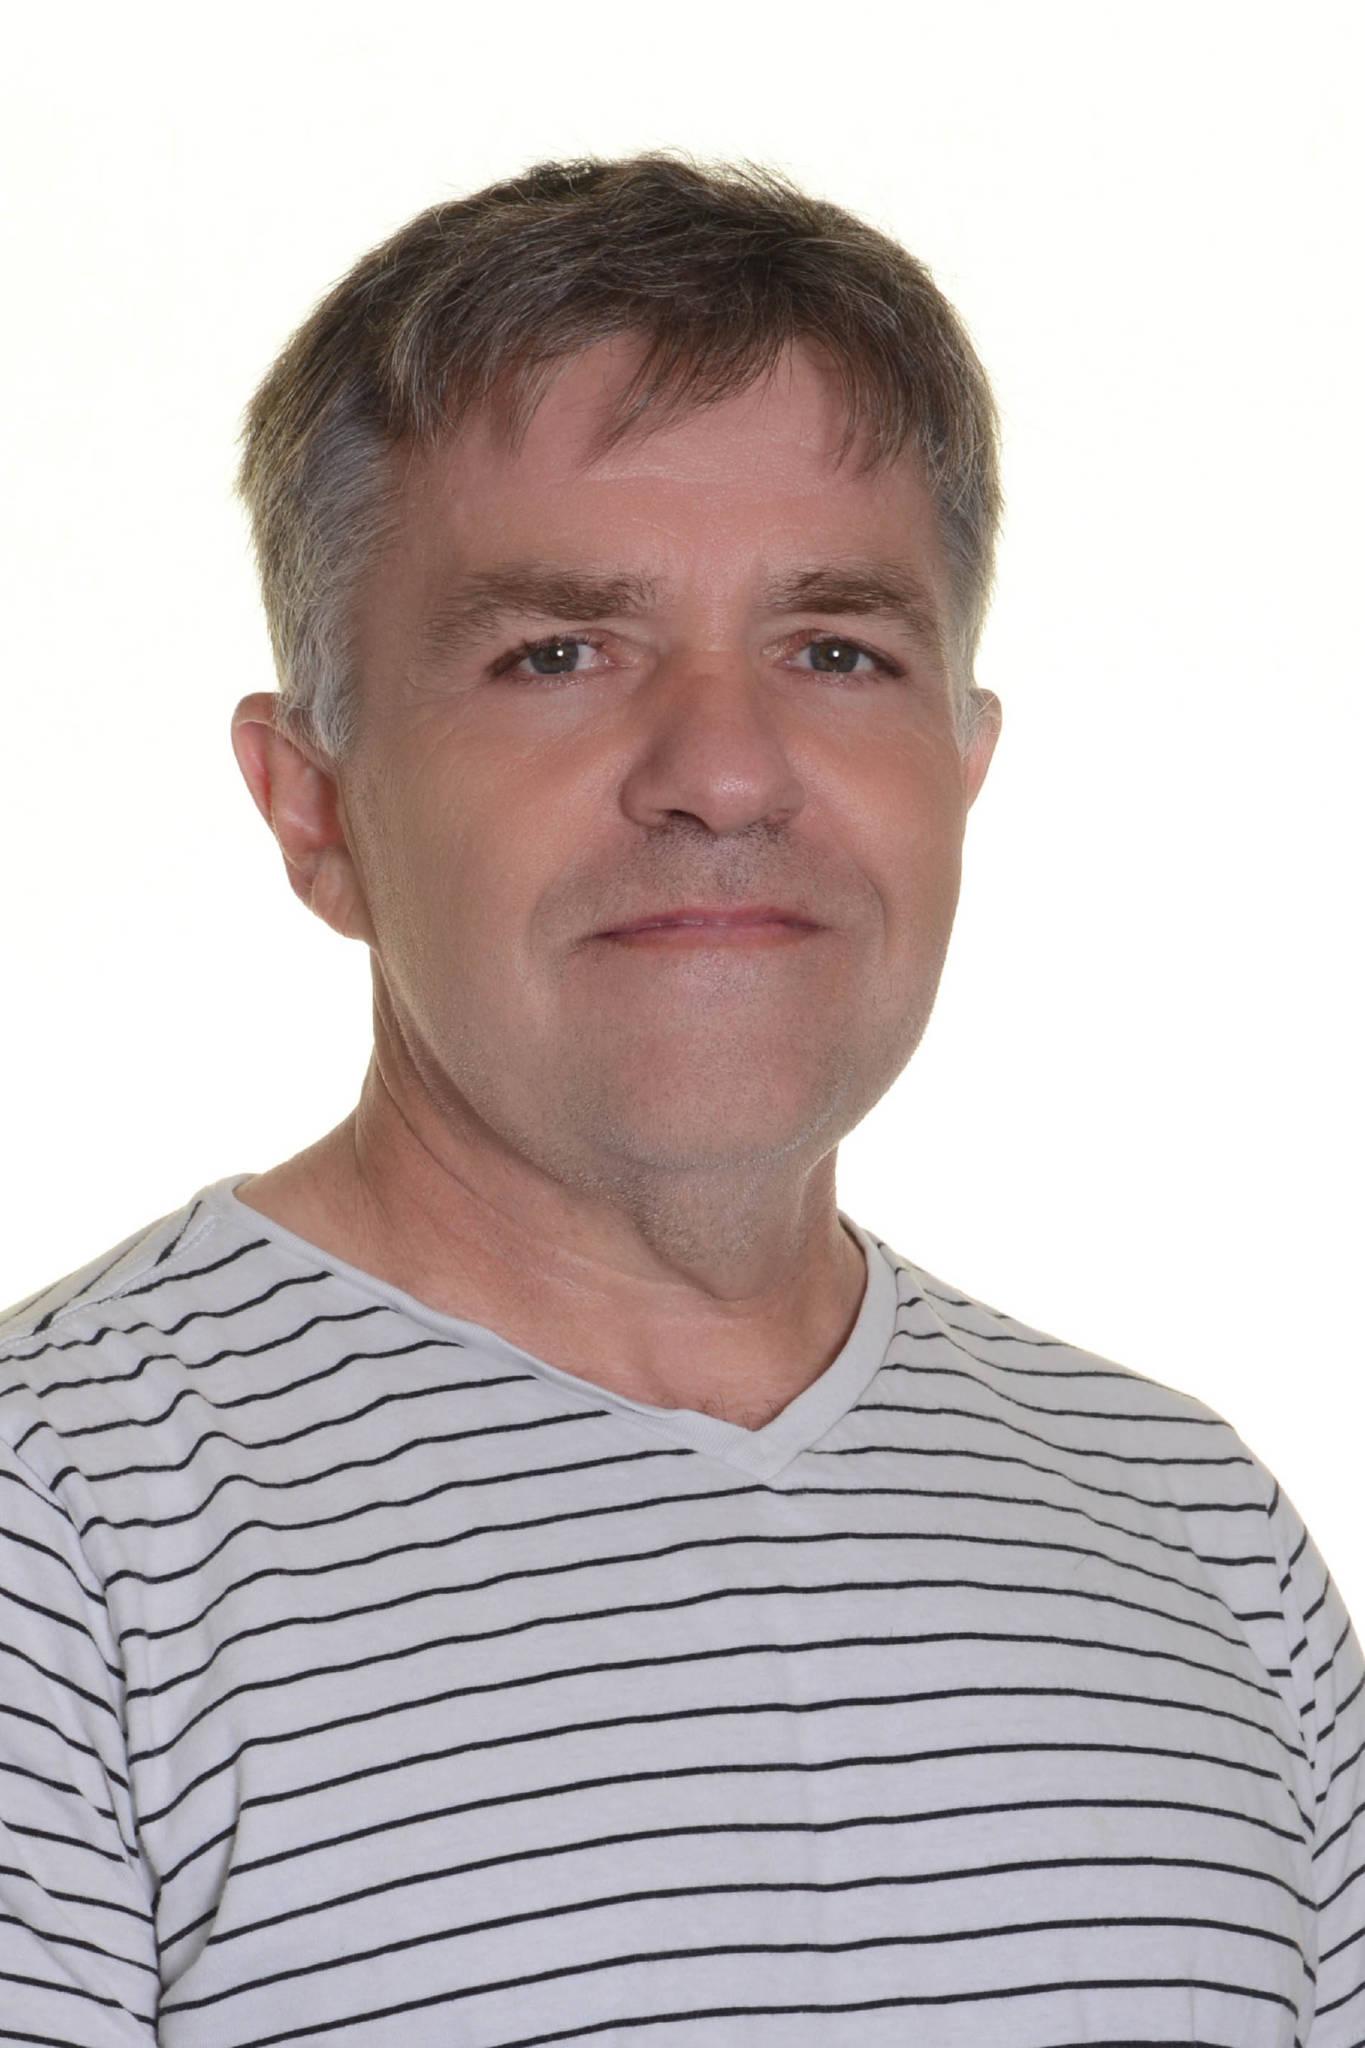 Ole Kenth Jakobsen, OJ